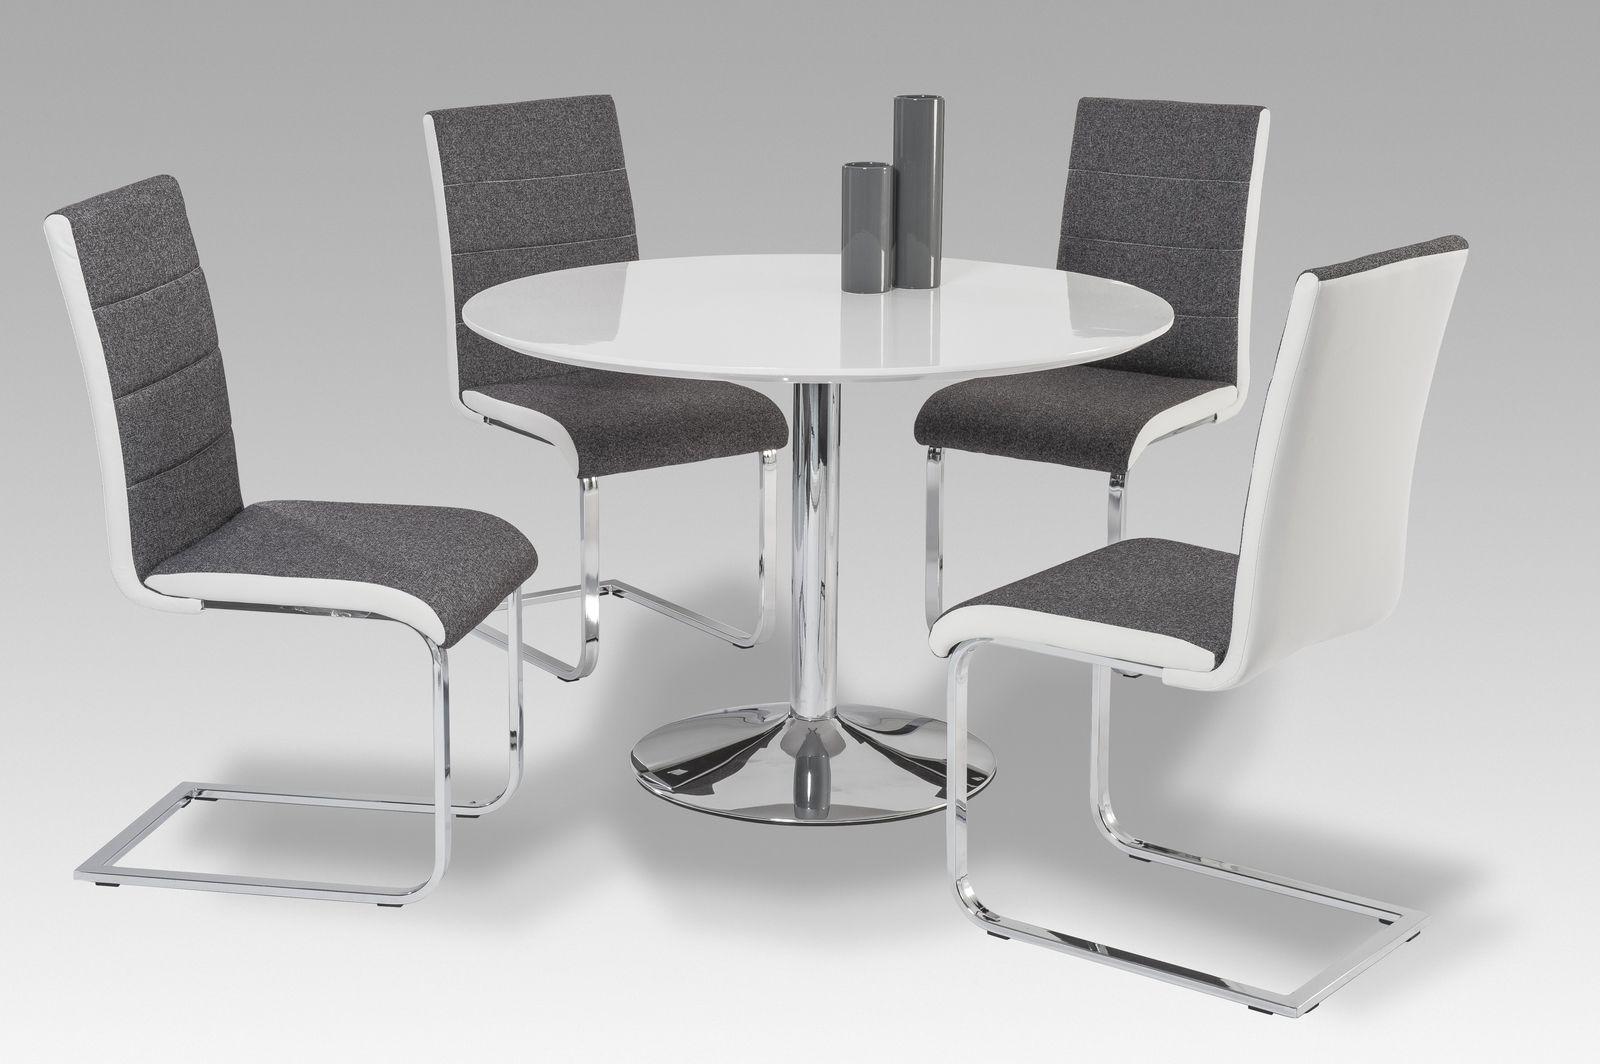 moderner Esstisch Hochglanz weiß rund Küchentisch Esszimmertisch ...